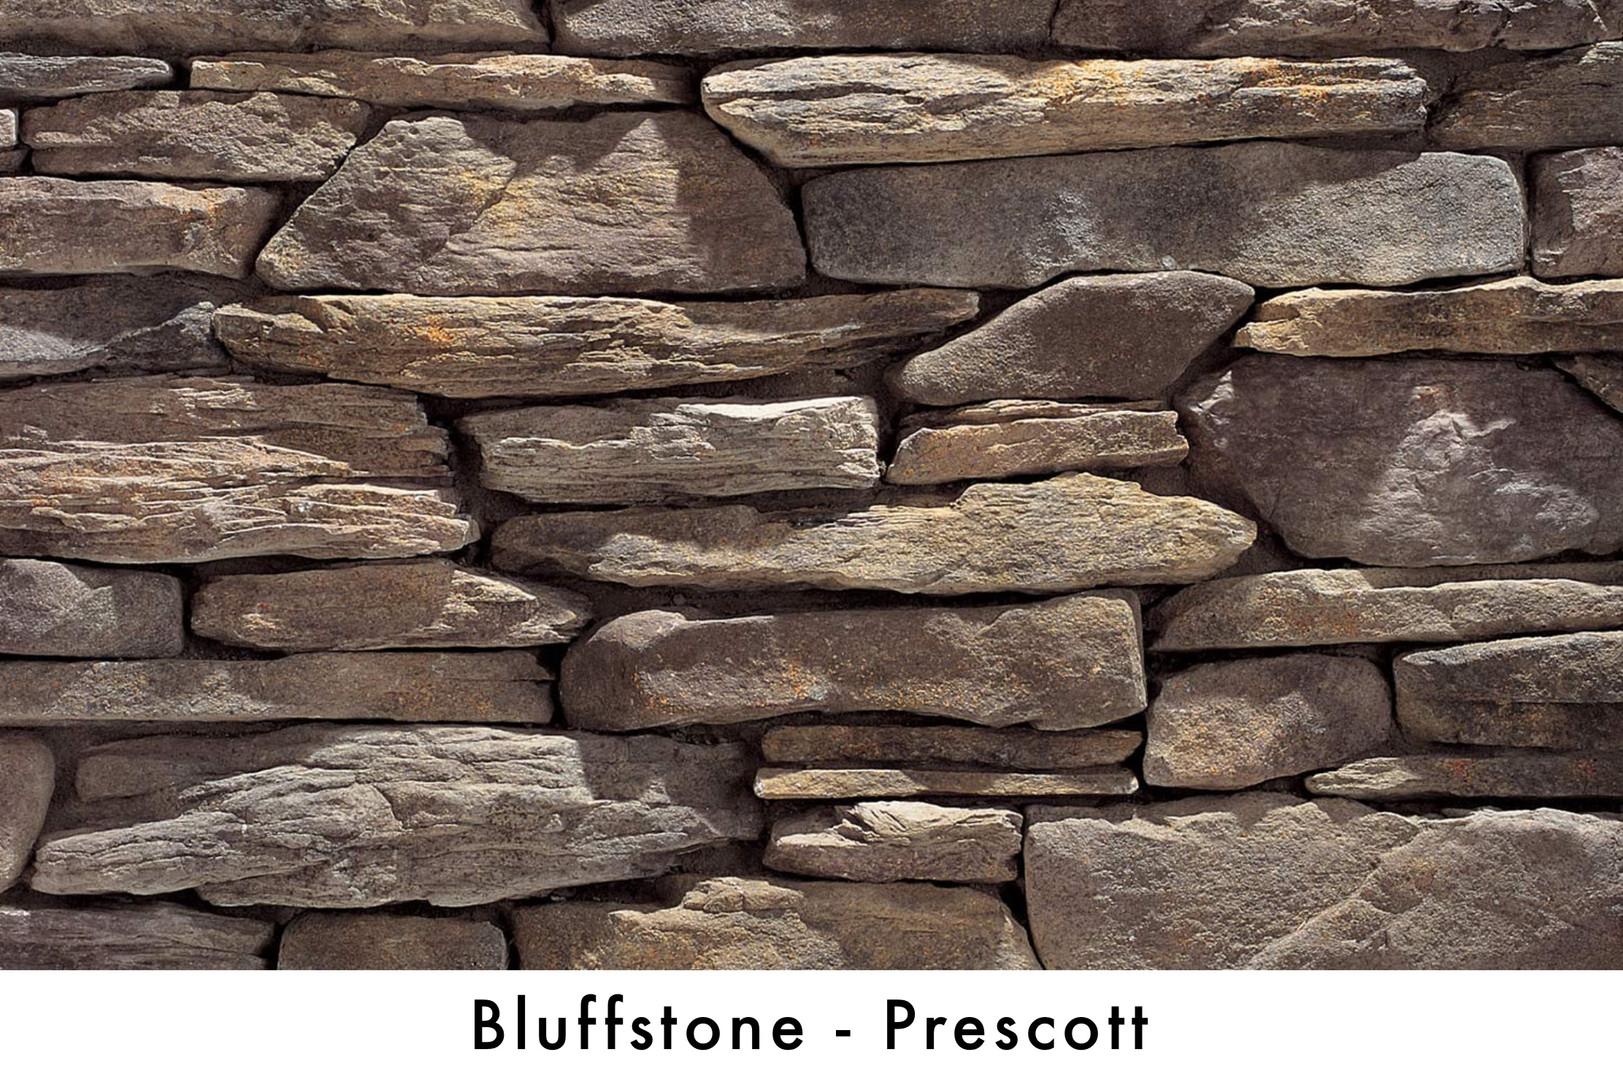 Bluffstone - Prescott